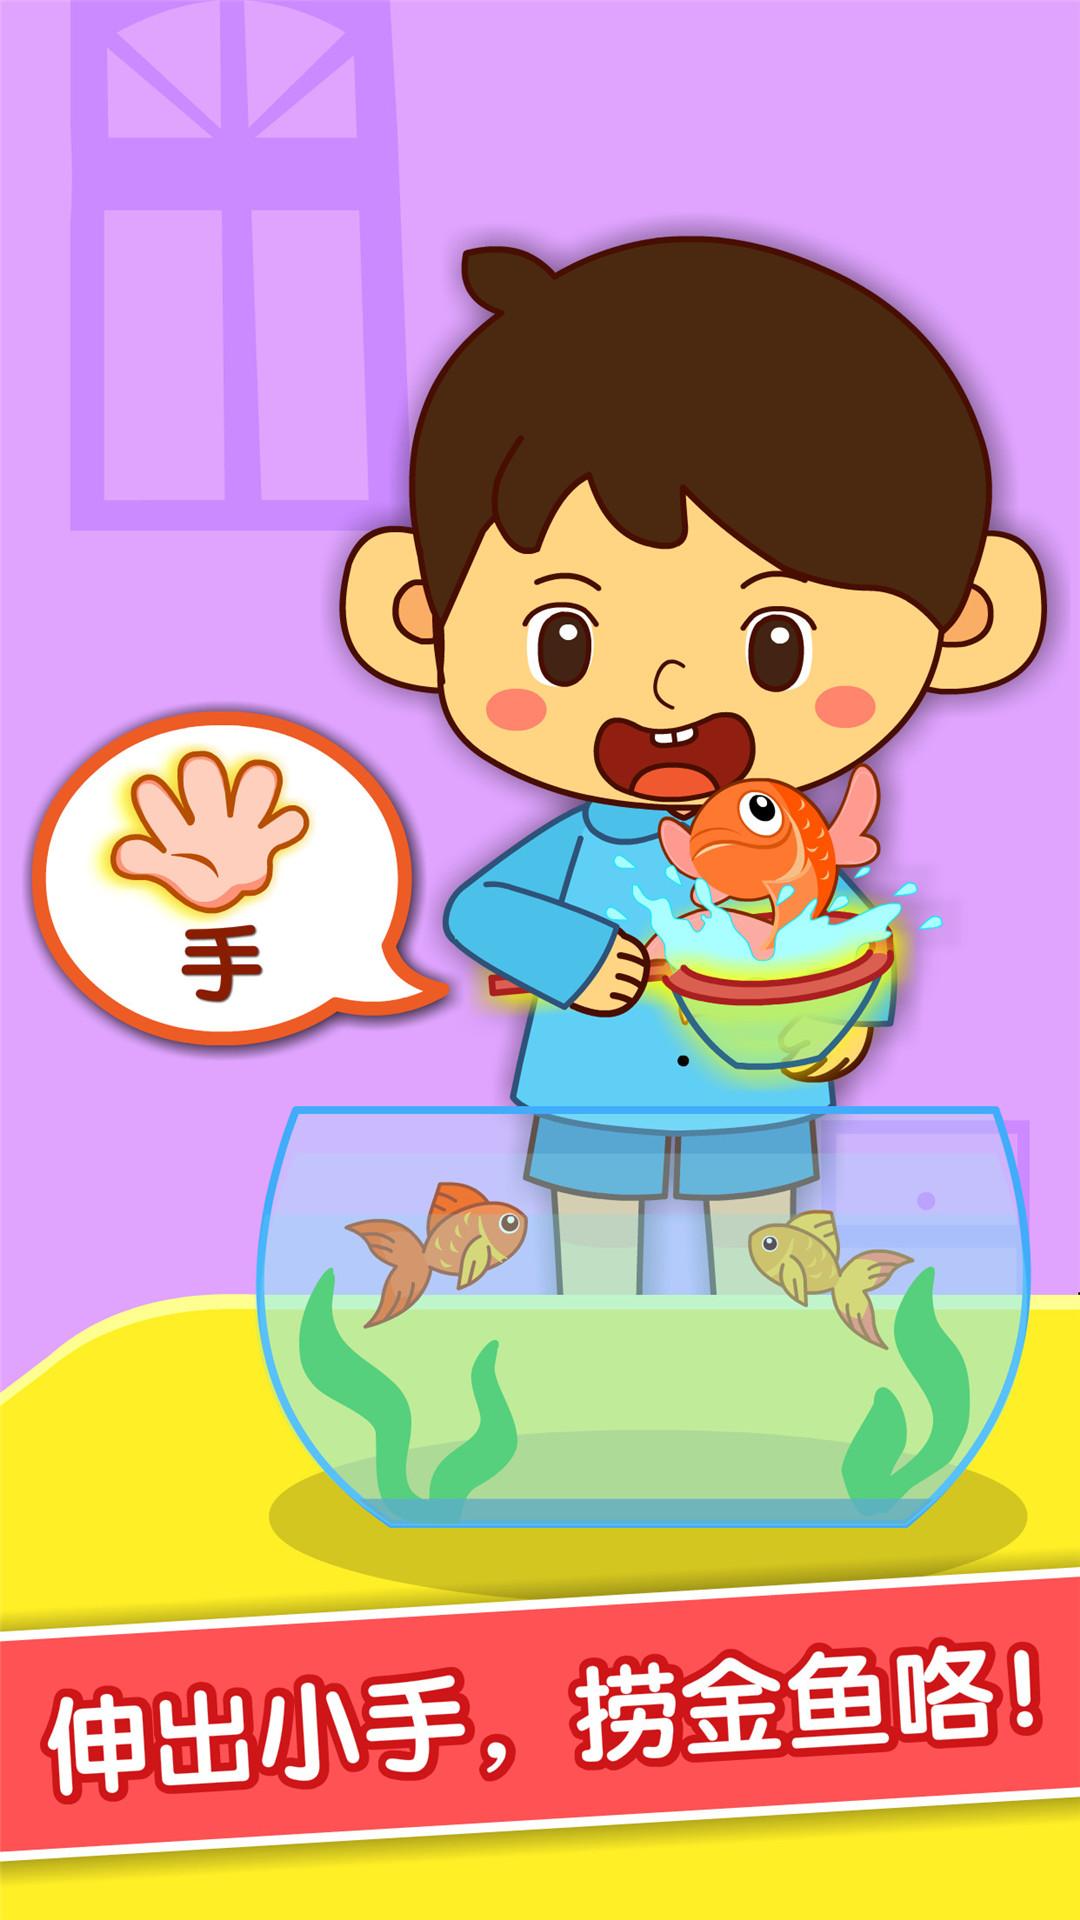 学身体部位-宝宝巴士-应用截图